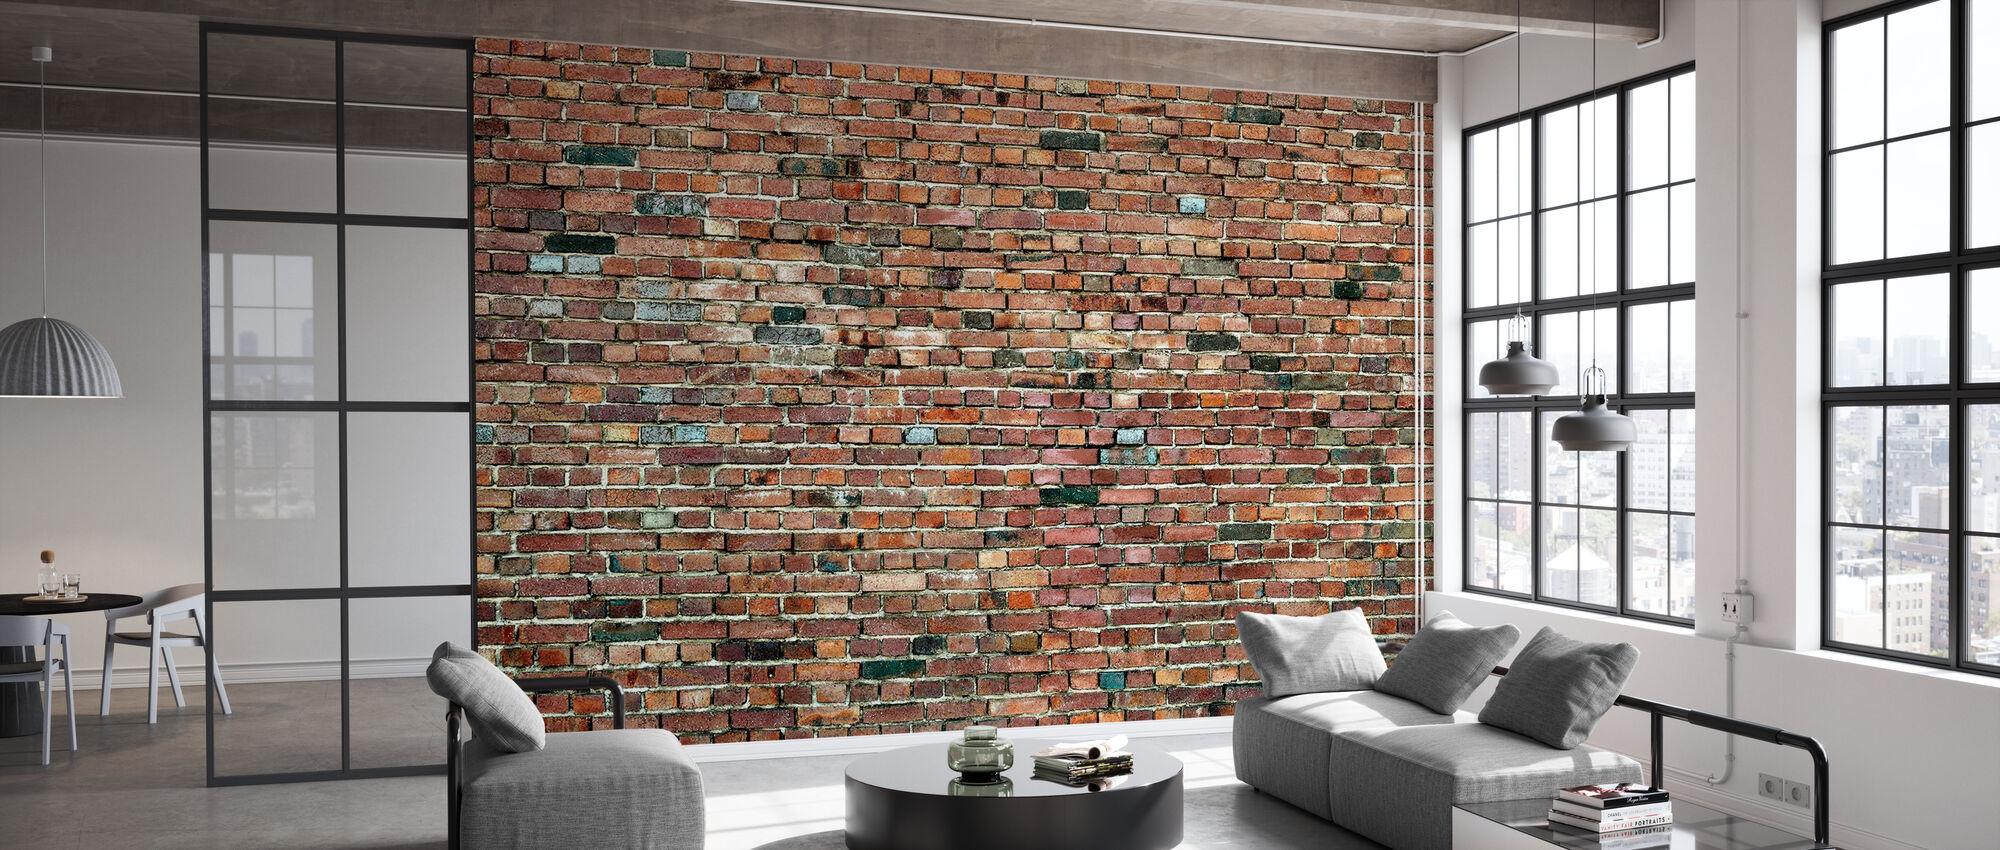 Stockholm bakstenen muur - Behang - Kantoor